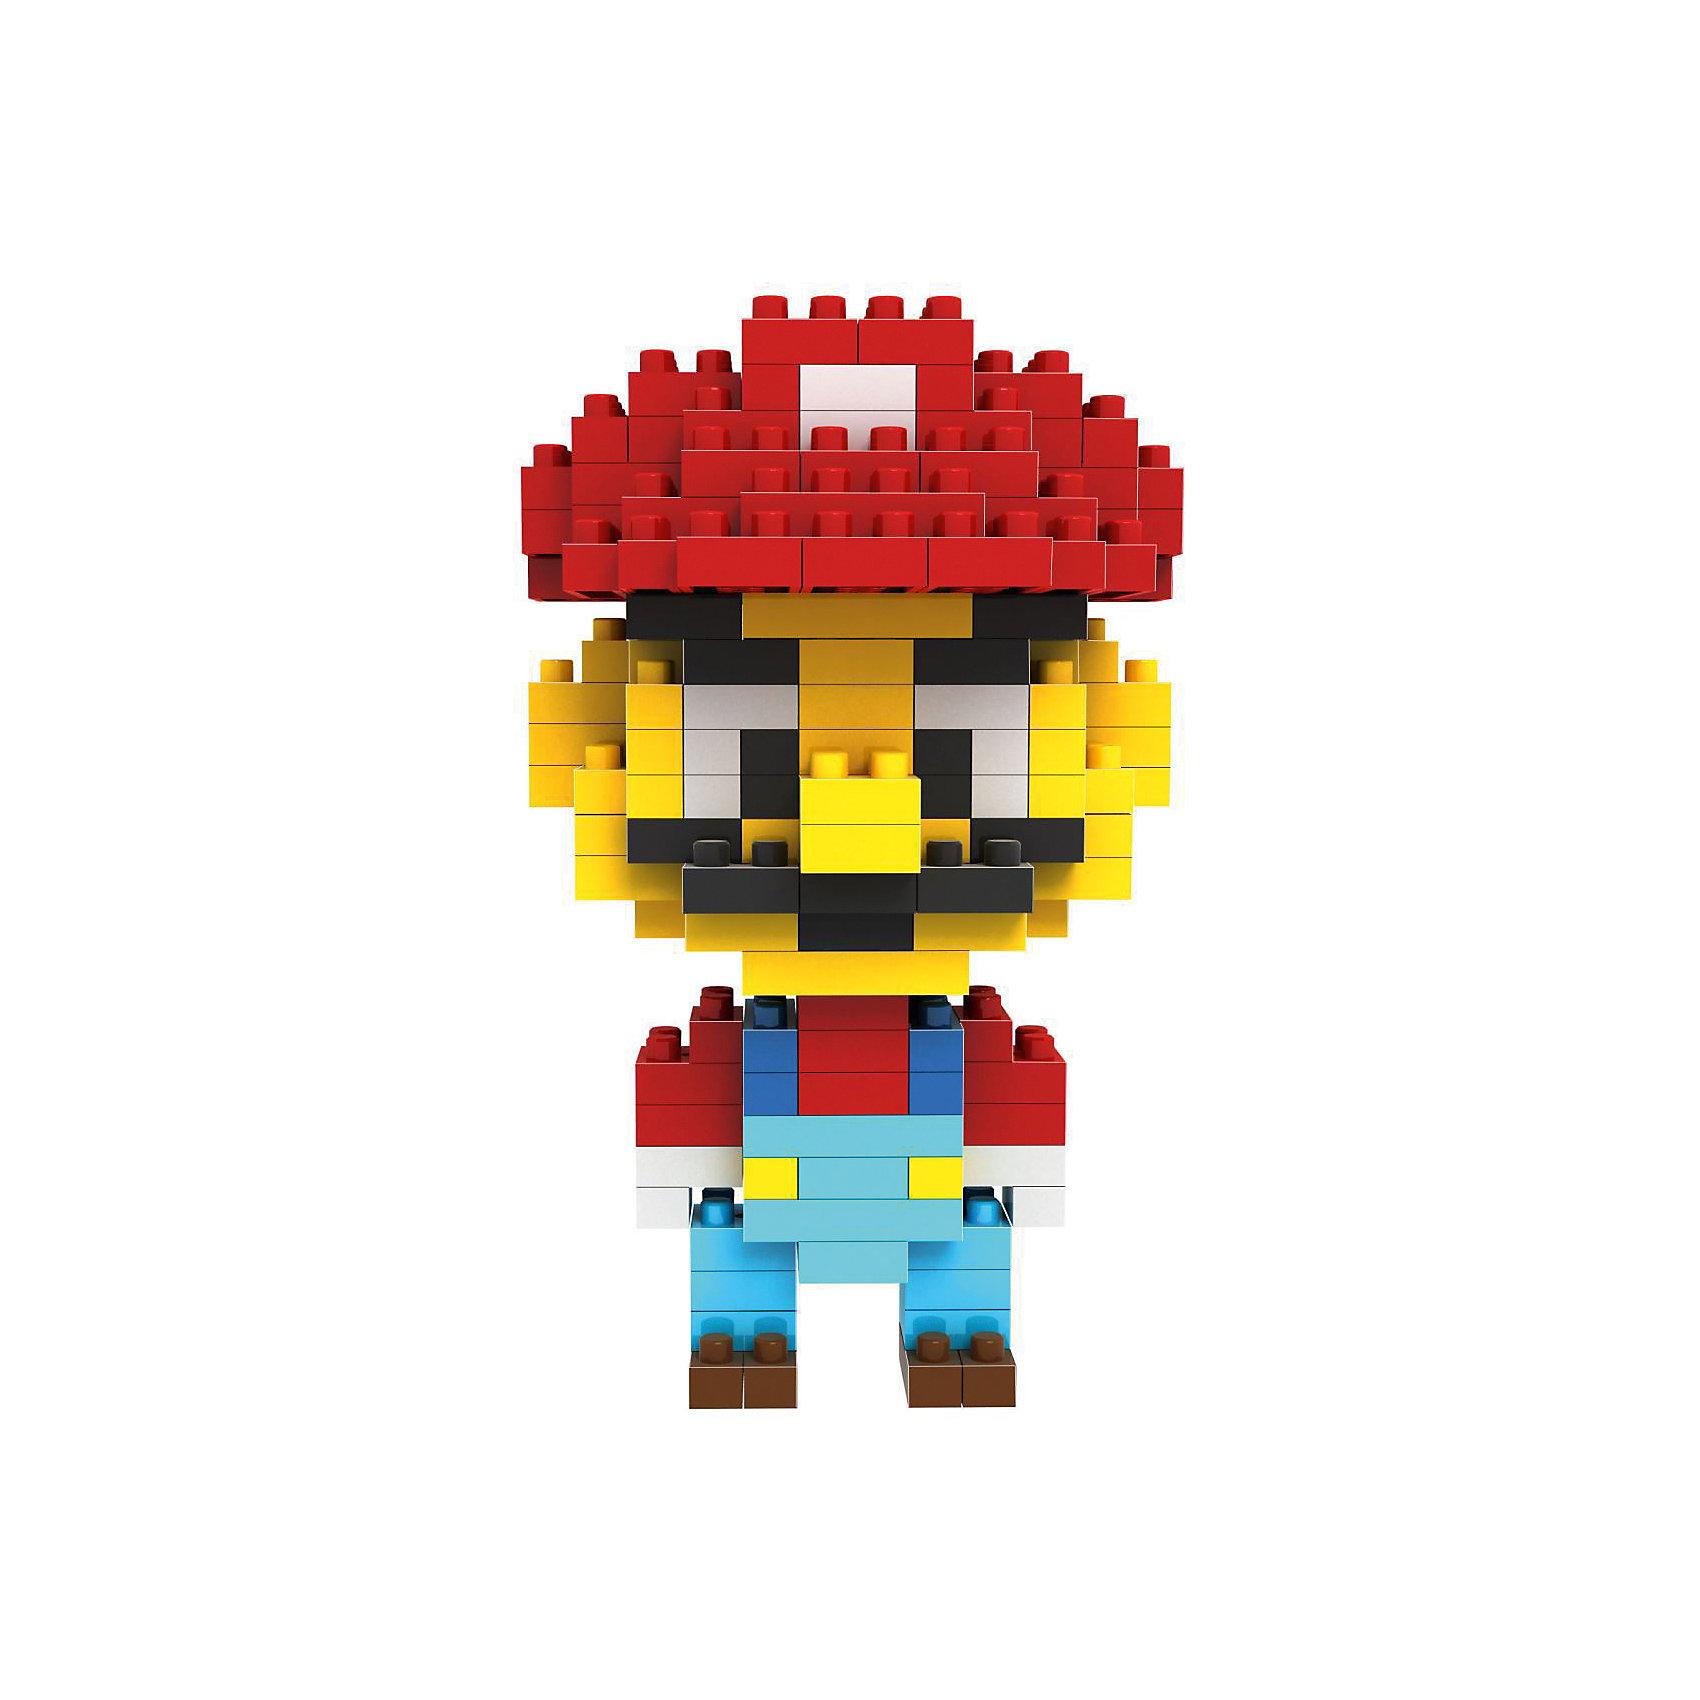 - Конструктор Итальянец Марио, Loz конструкторы fanclastic конструктор fanclastic набор роботоводство